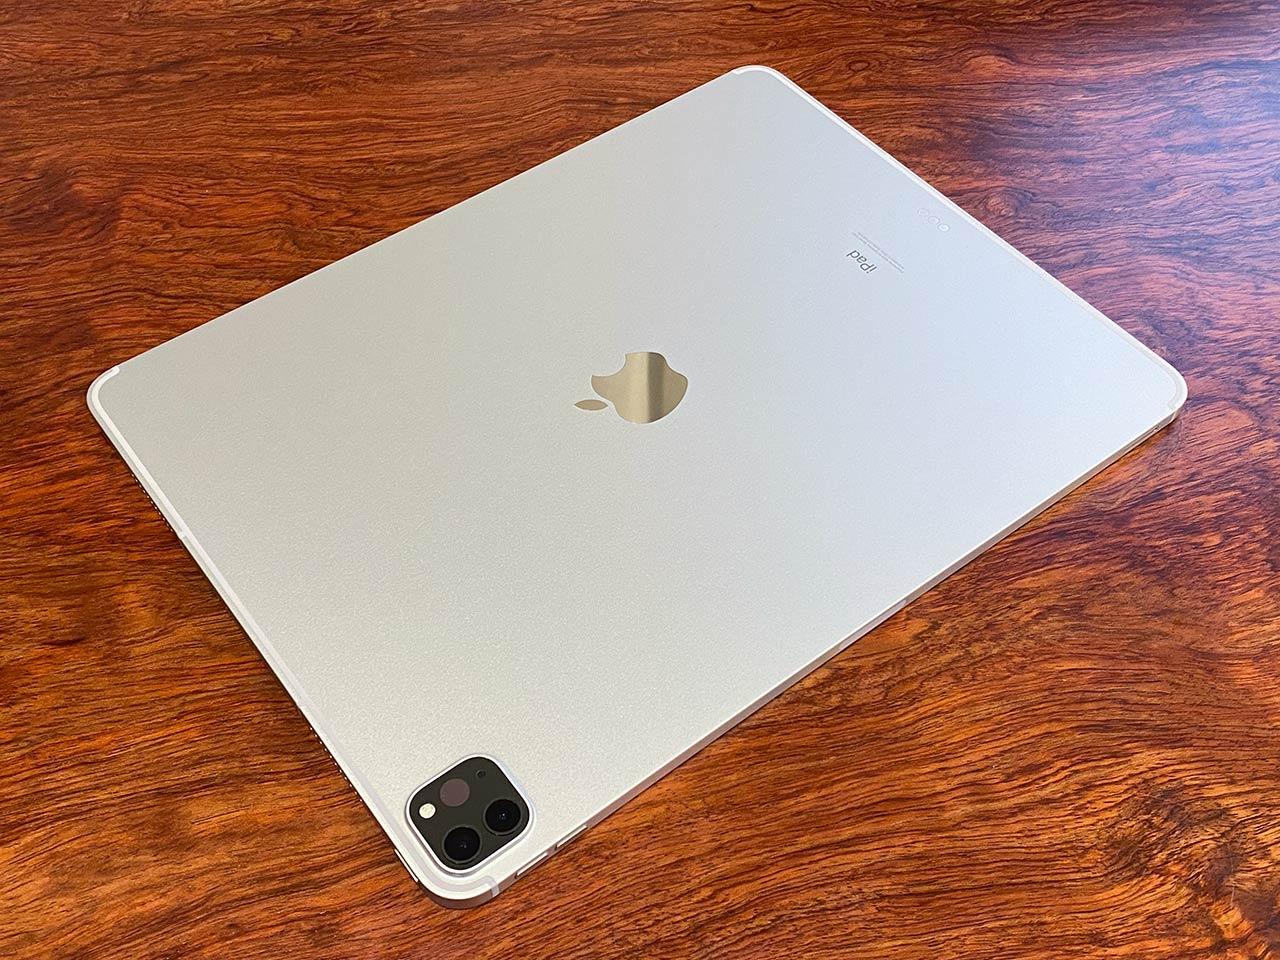 Ipad の 森 お 絵かき お絵描きの森ってiPhoneでできないんですか?